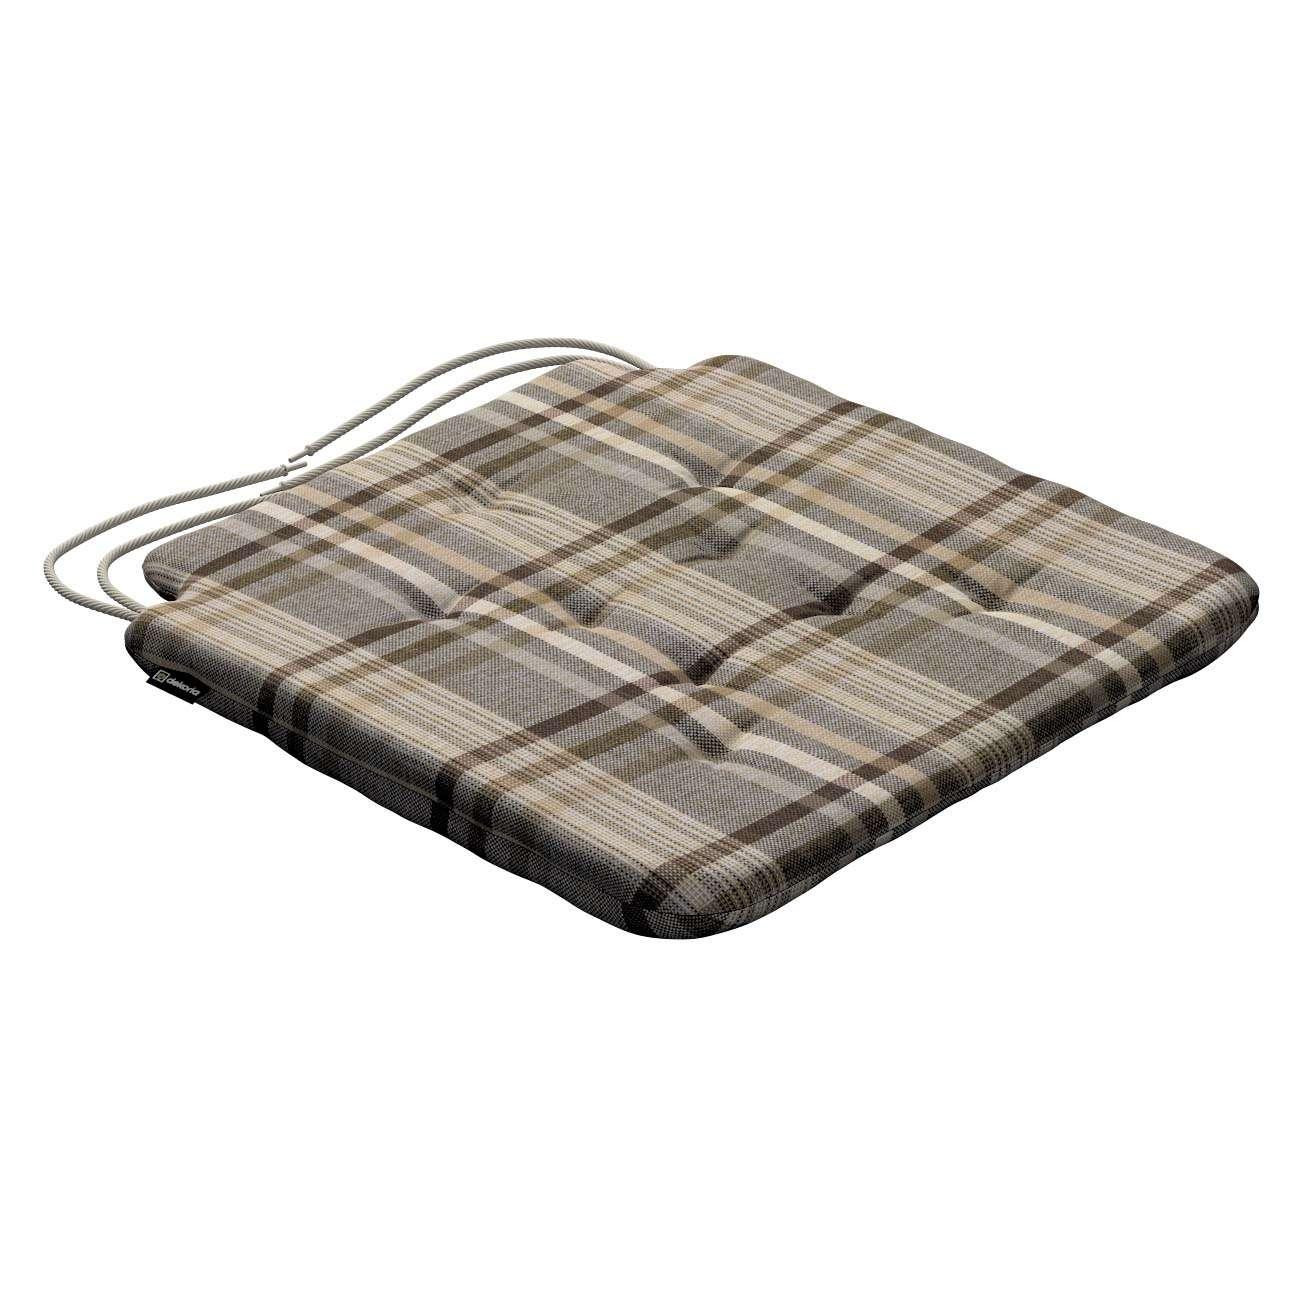 Siedzisko Olek na krzesło w kolekcji Edinburgh, tkanina: 703-17